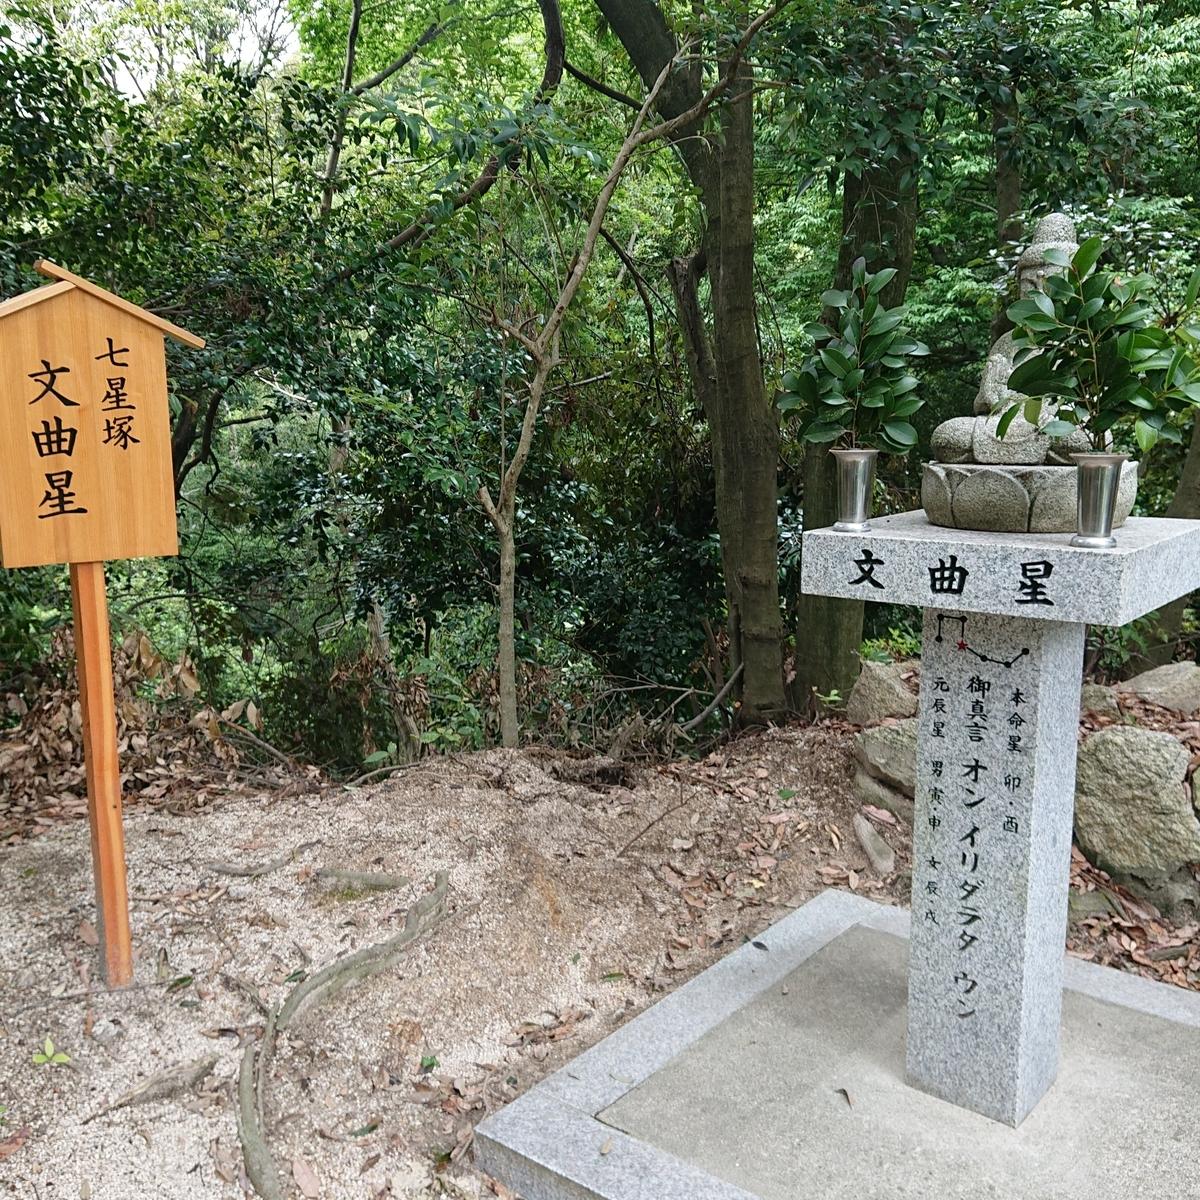 f:id:Kaimotu_Hatuji:20210618163152j:plain